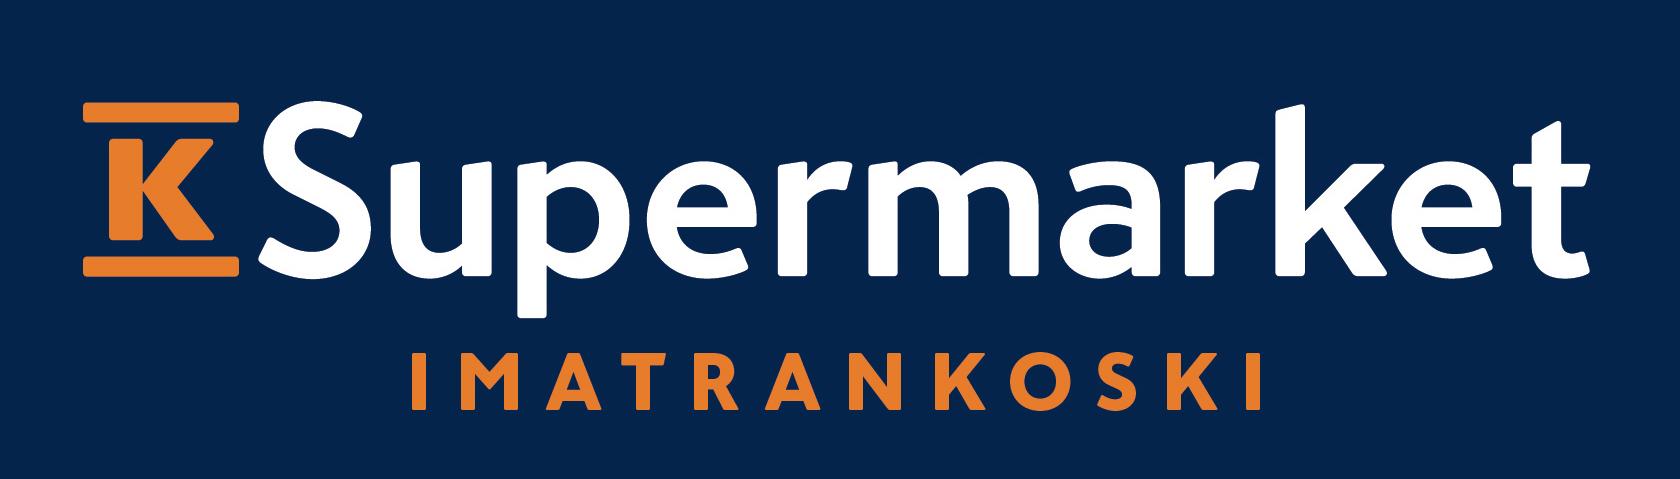 KSM Imatrankoski logo nega